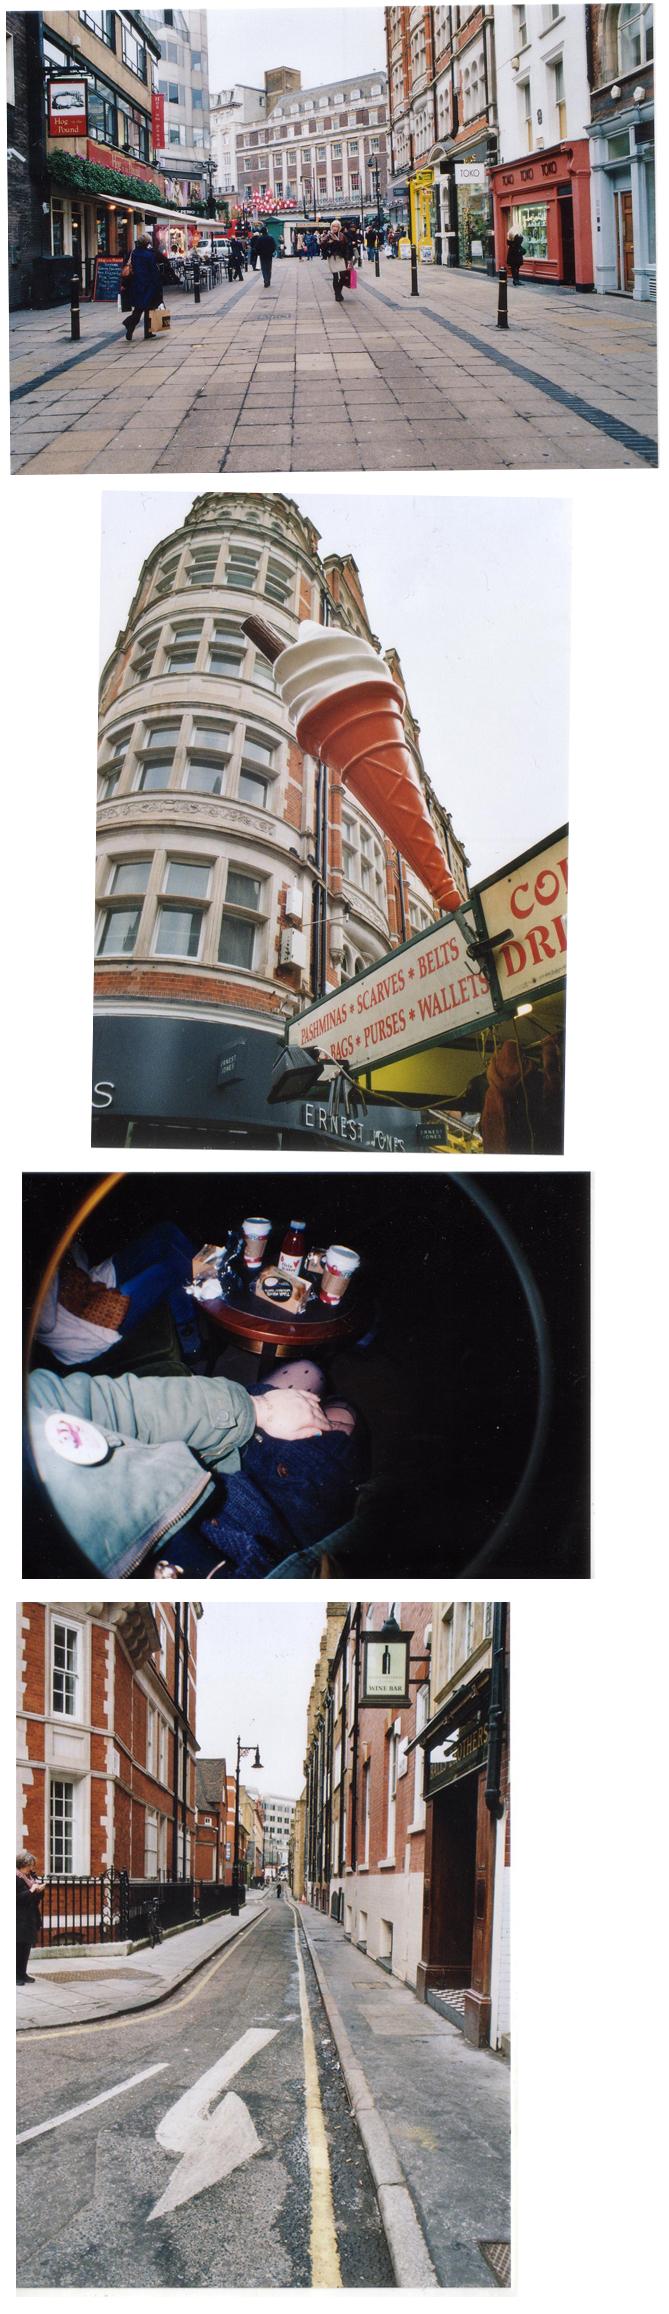 london_fb2